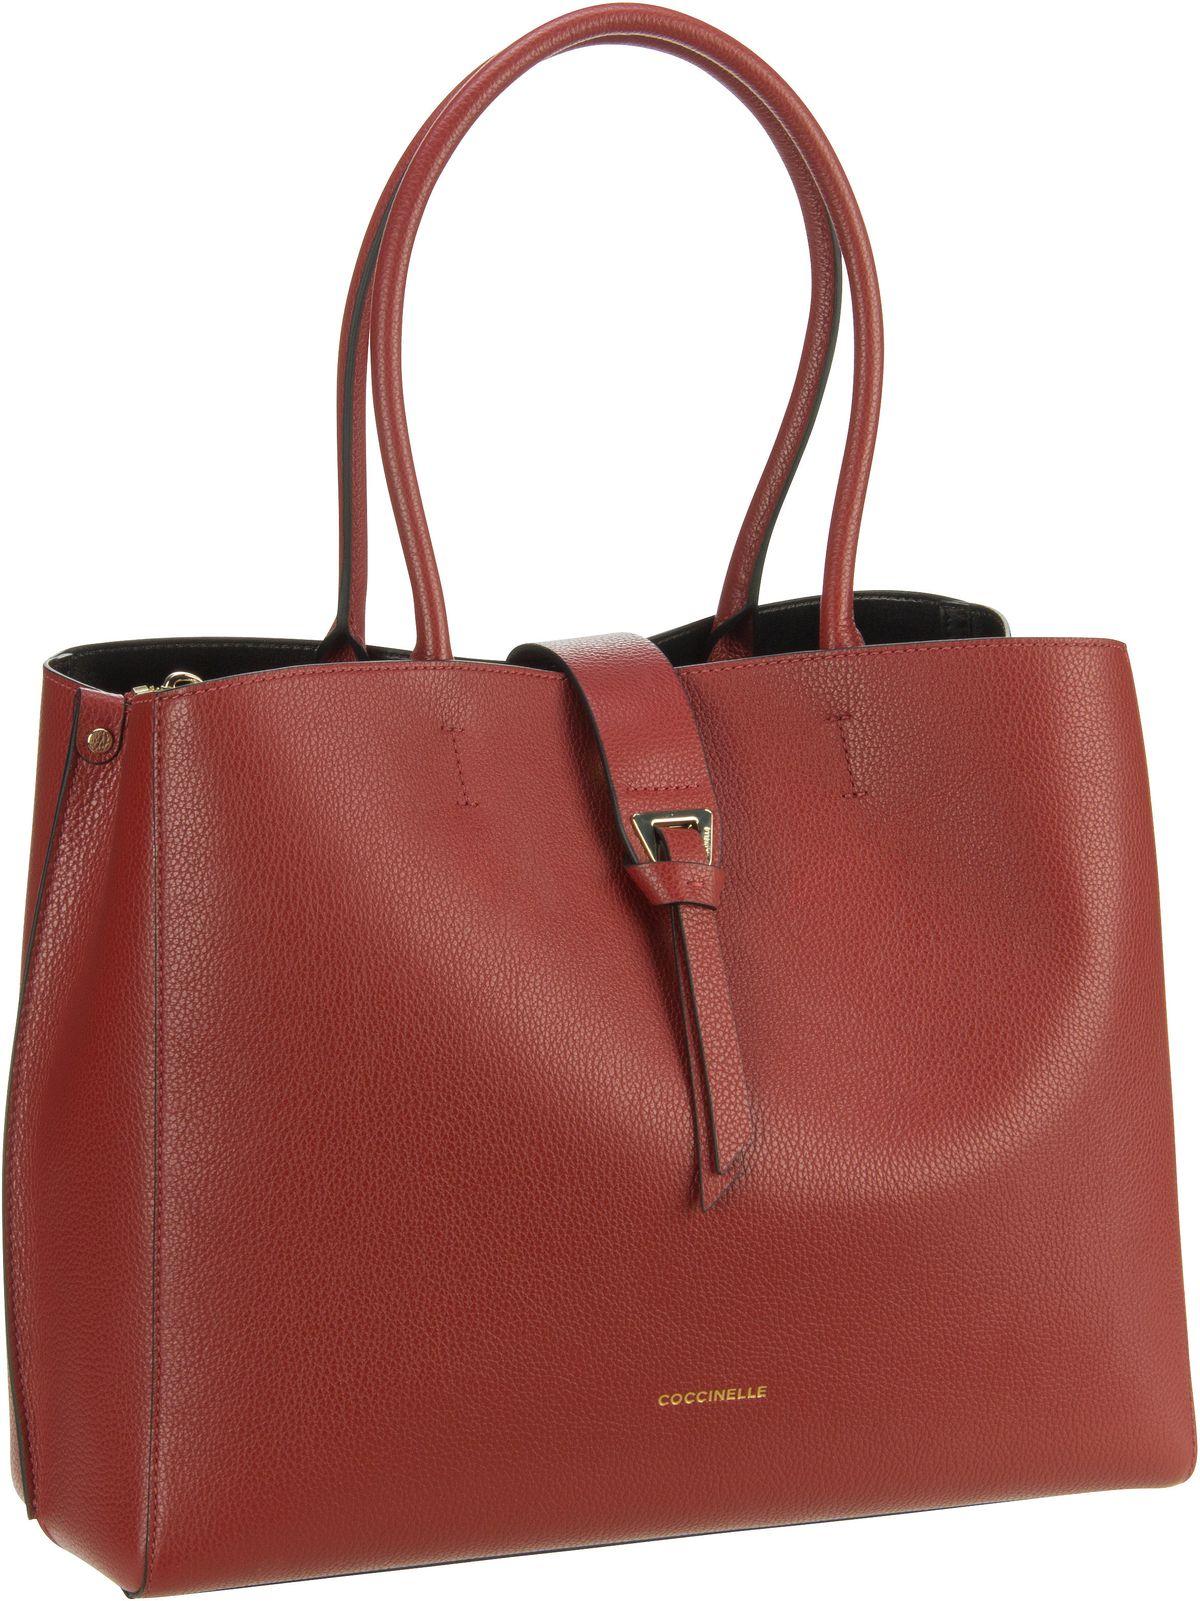 Handtasche Alba 1101 Foliage Red